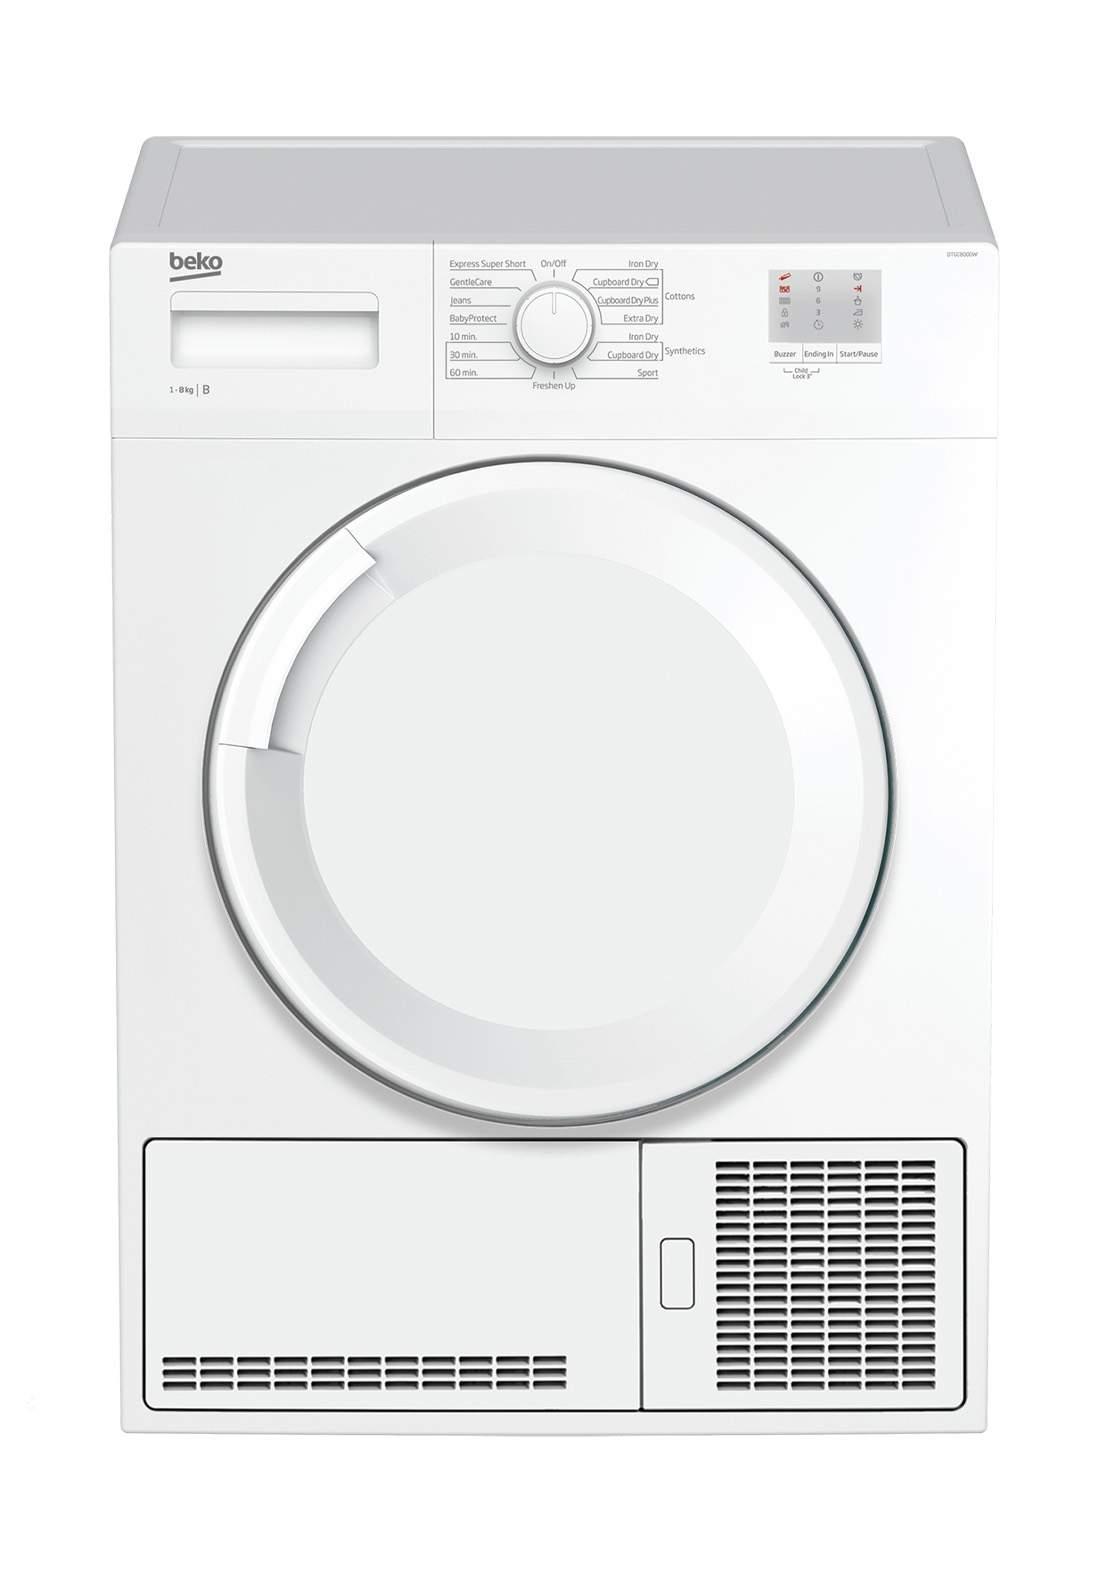 Beko  DTGC 8000 W 8kg Vented Tumble Dryer - White مجفف الملابس